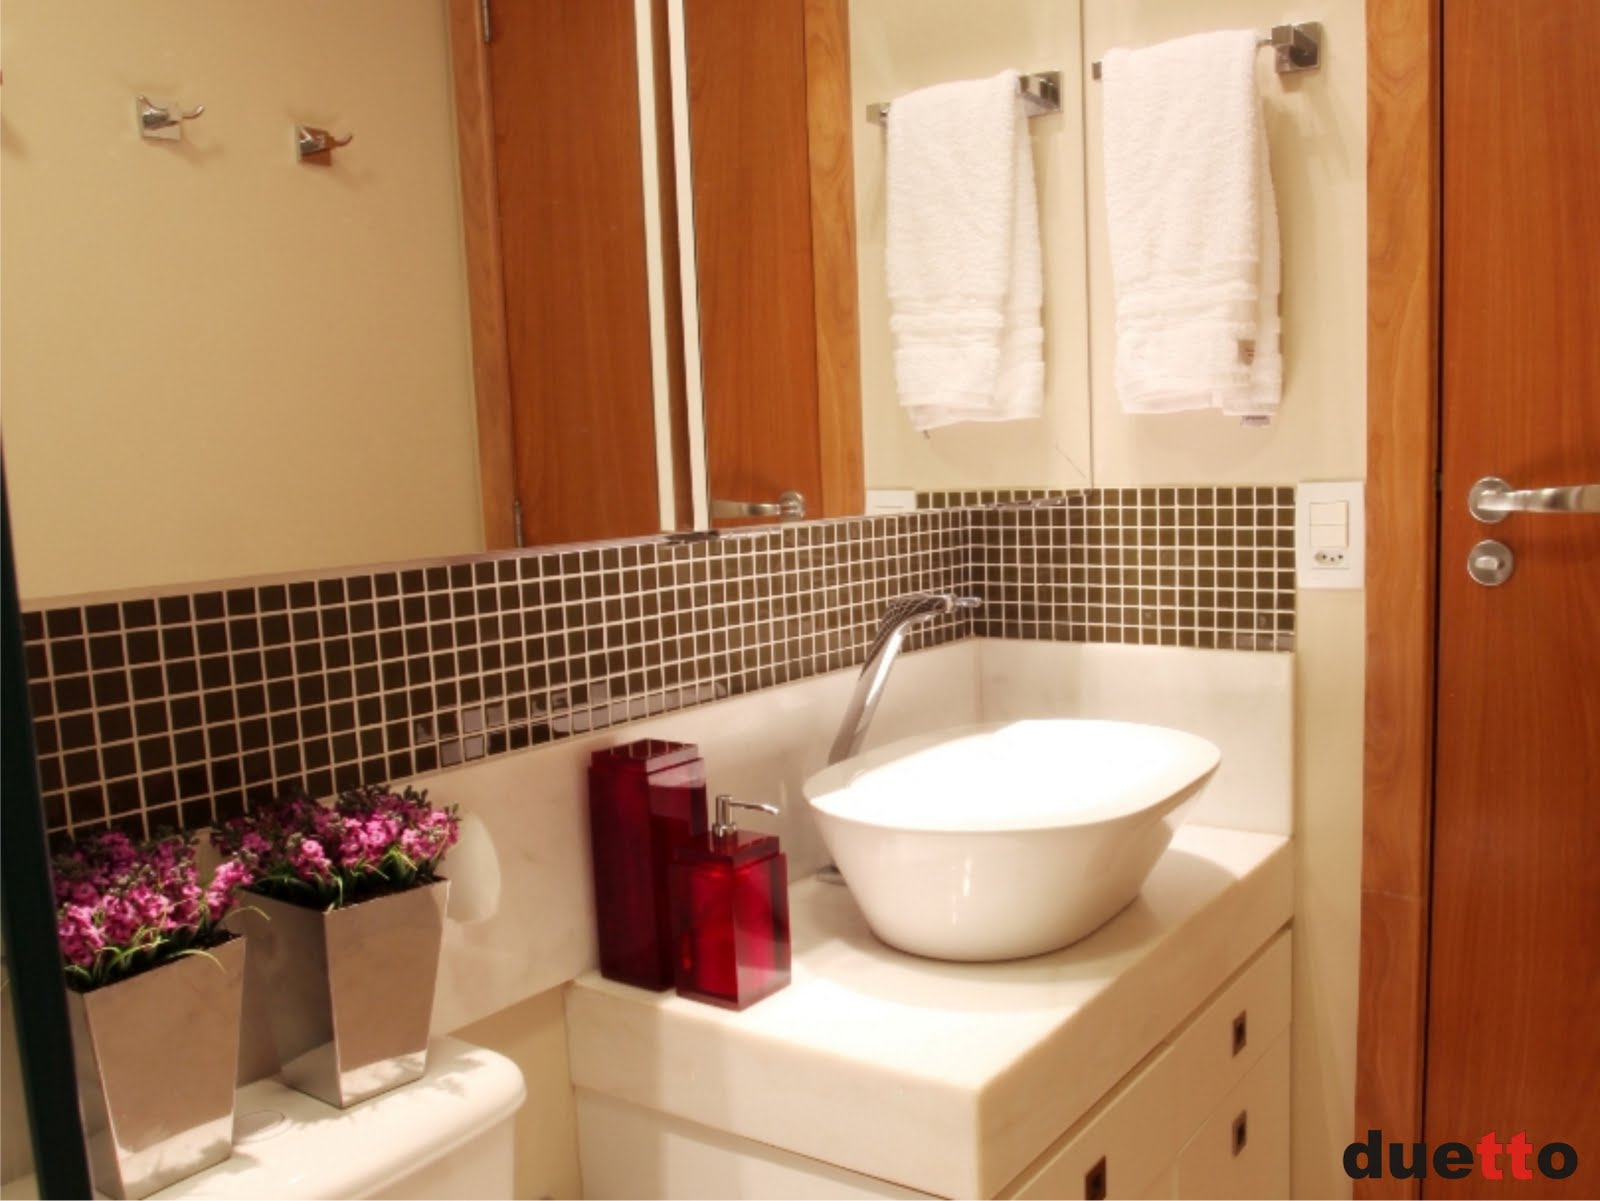 de correr espelhadas e apesar da pouca profundidade tem espaço para #AF4A1C 1600x1201 Azulejo Para Banheiro Decorado